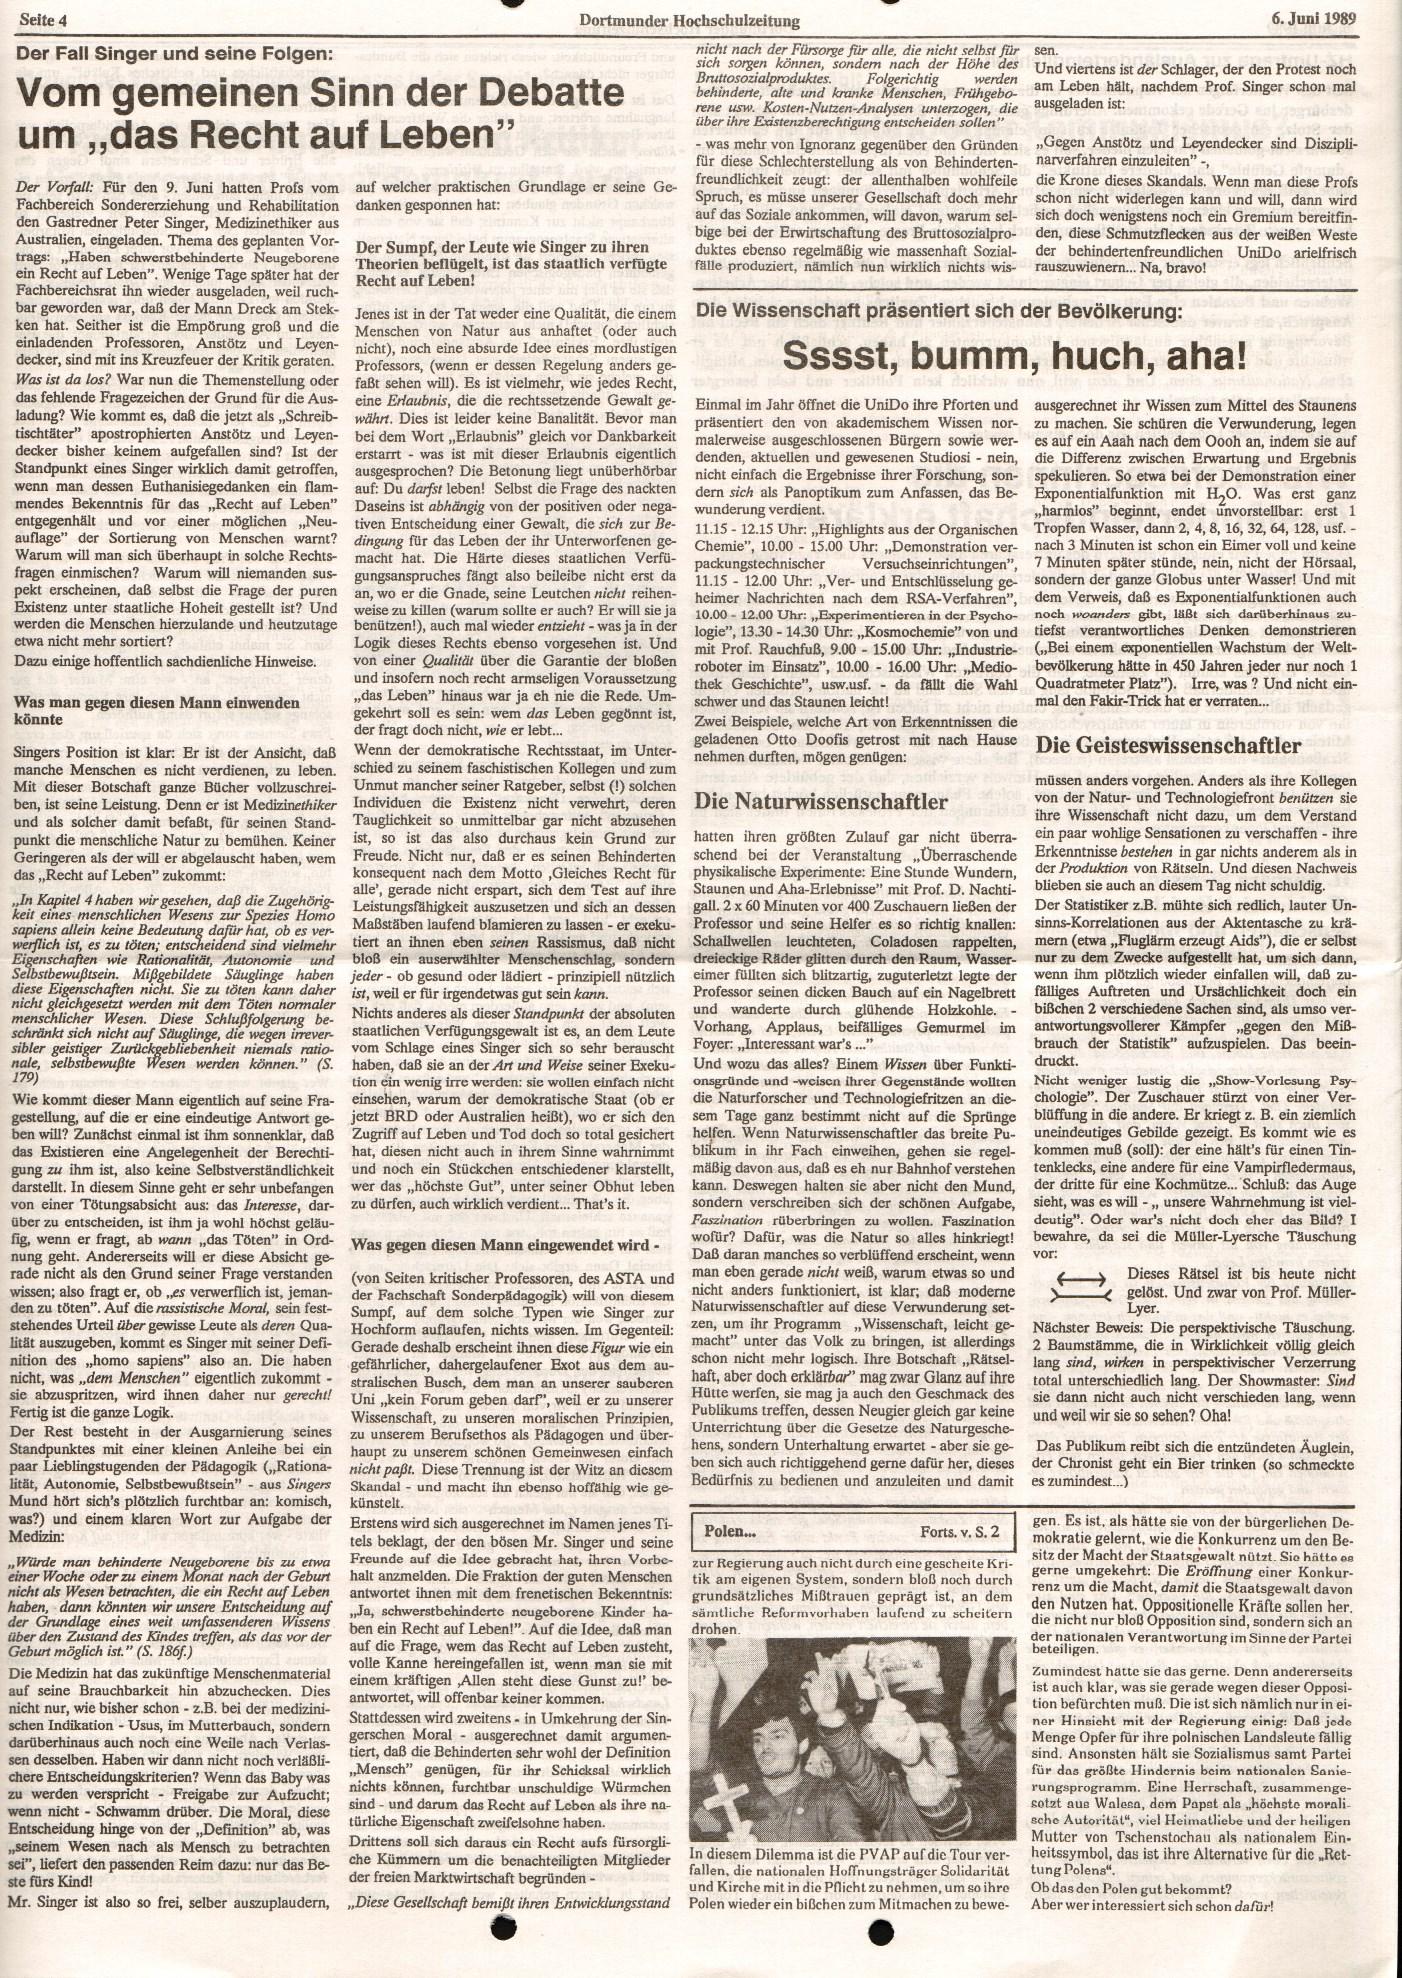 MG_Dortmunder_Hochschulzeitung_19890606_04